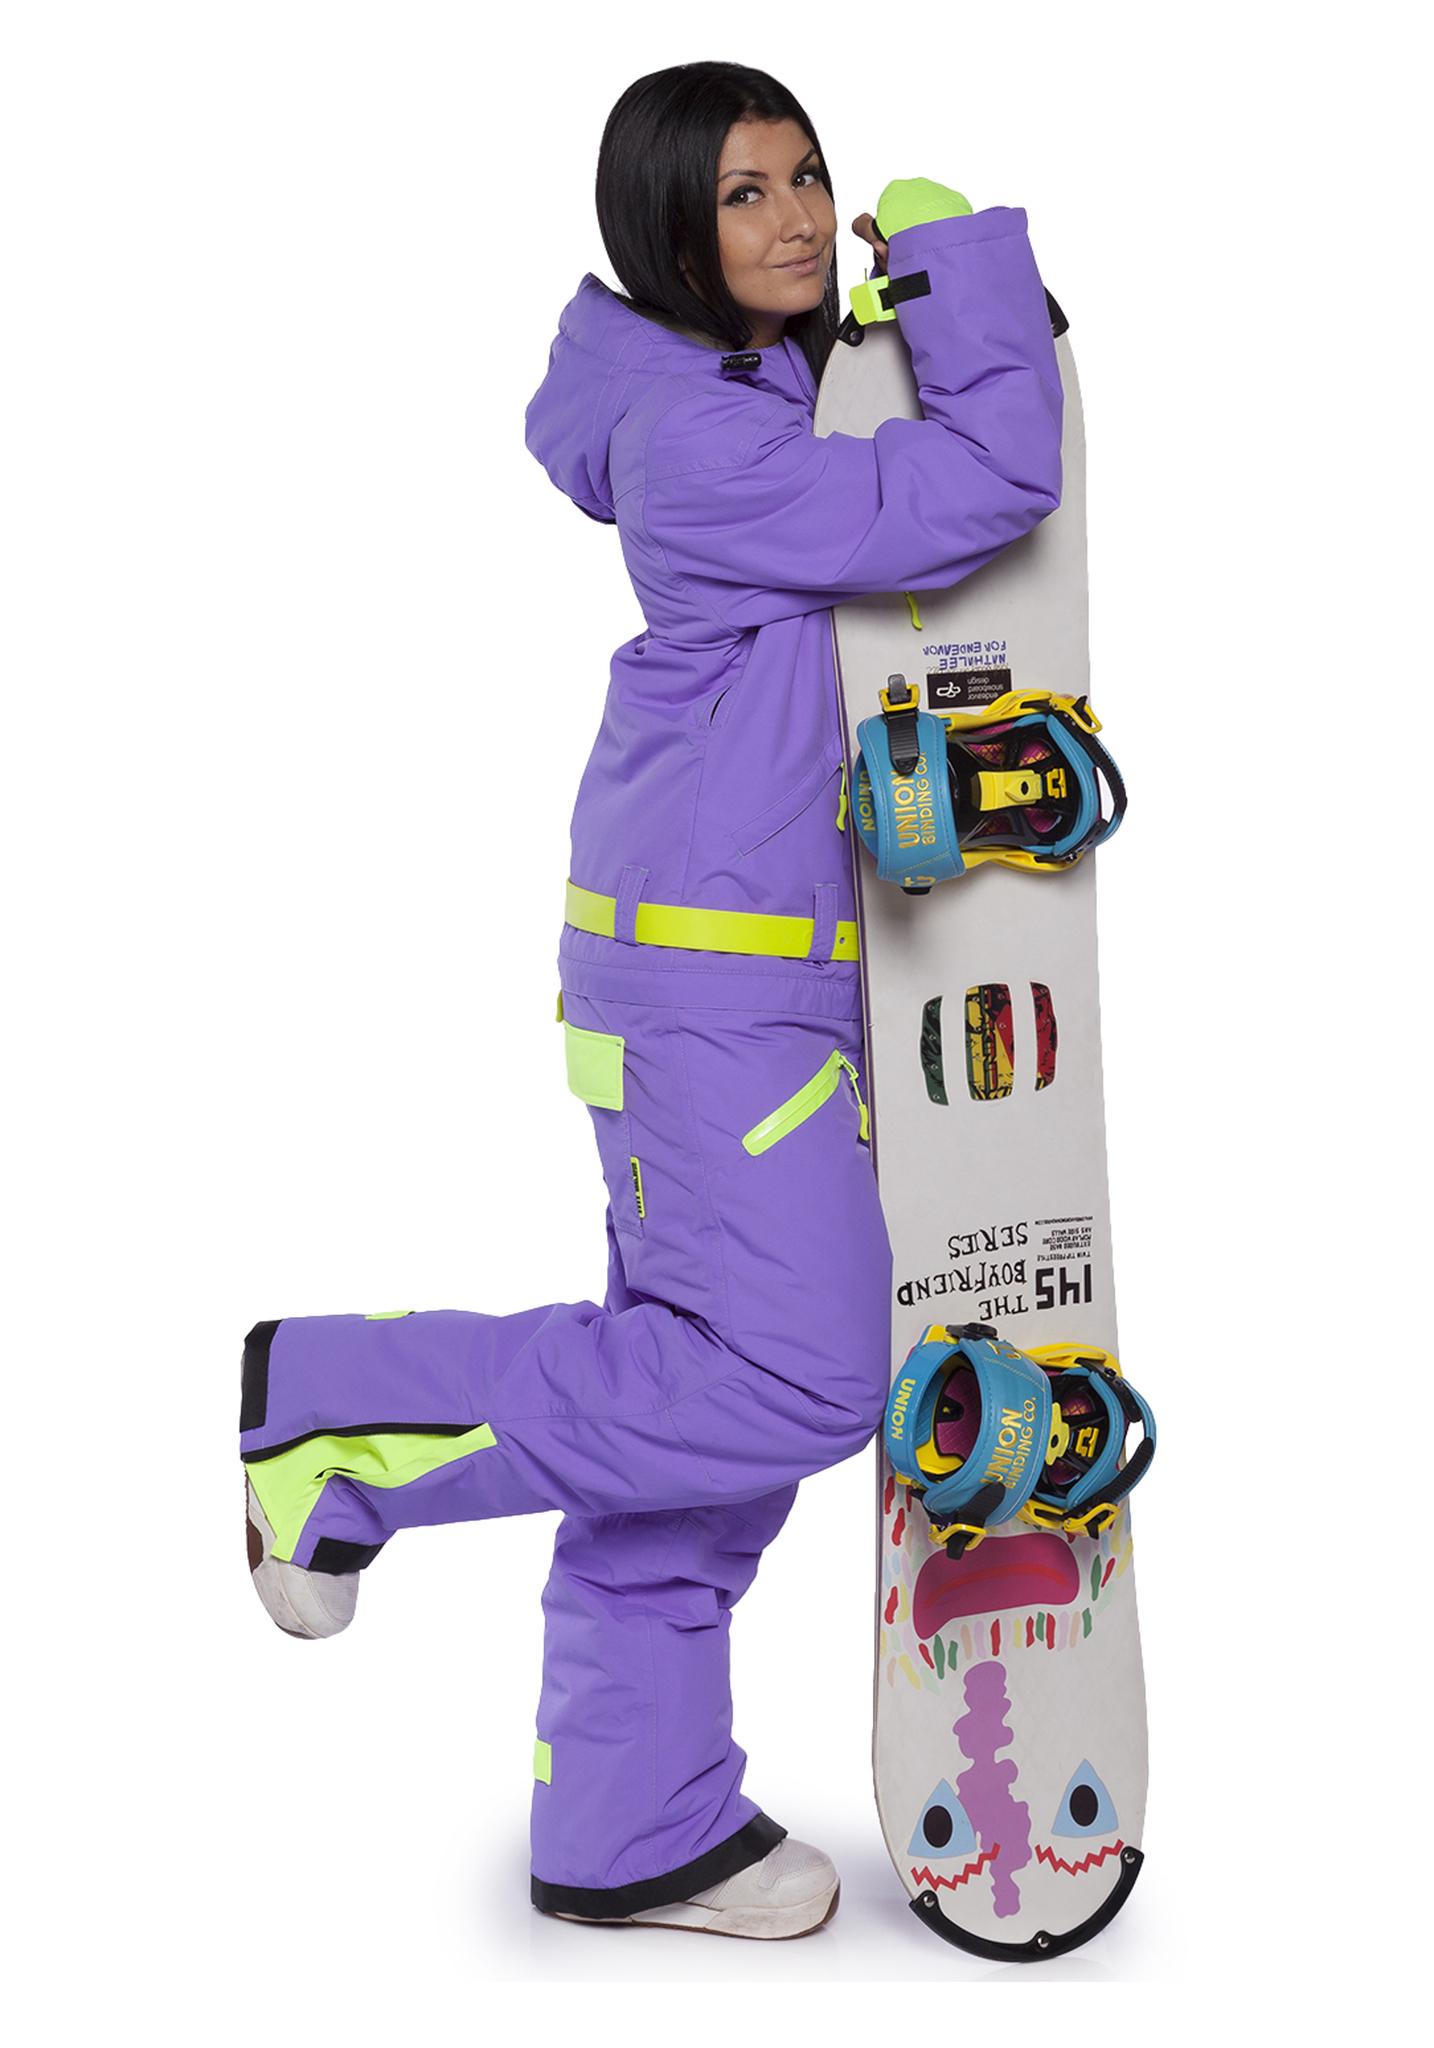 Женский сноубордический комбинезон Cool Zone Fox 3430 фиолетовый | Интернет-магазин Five-sport.ru